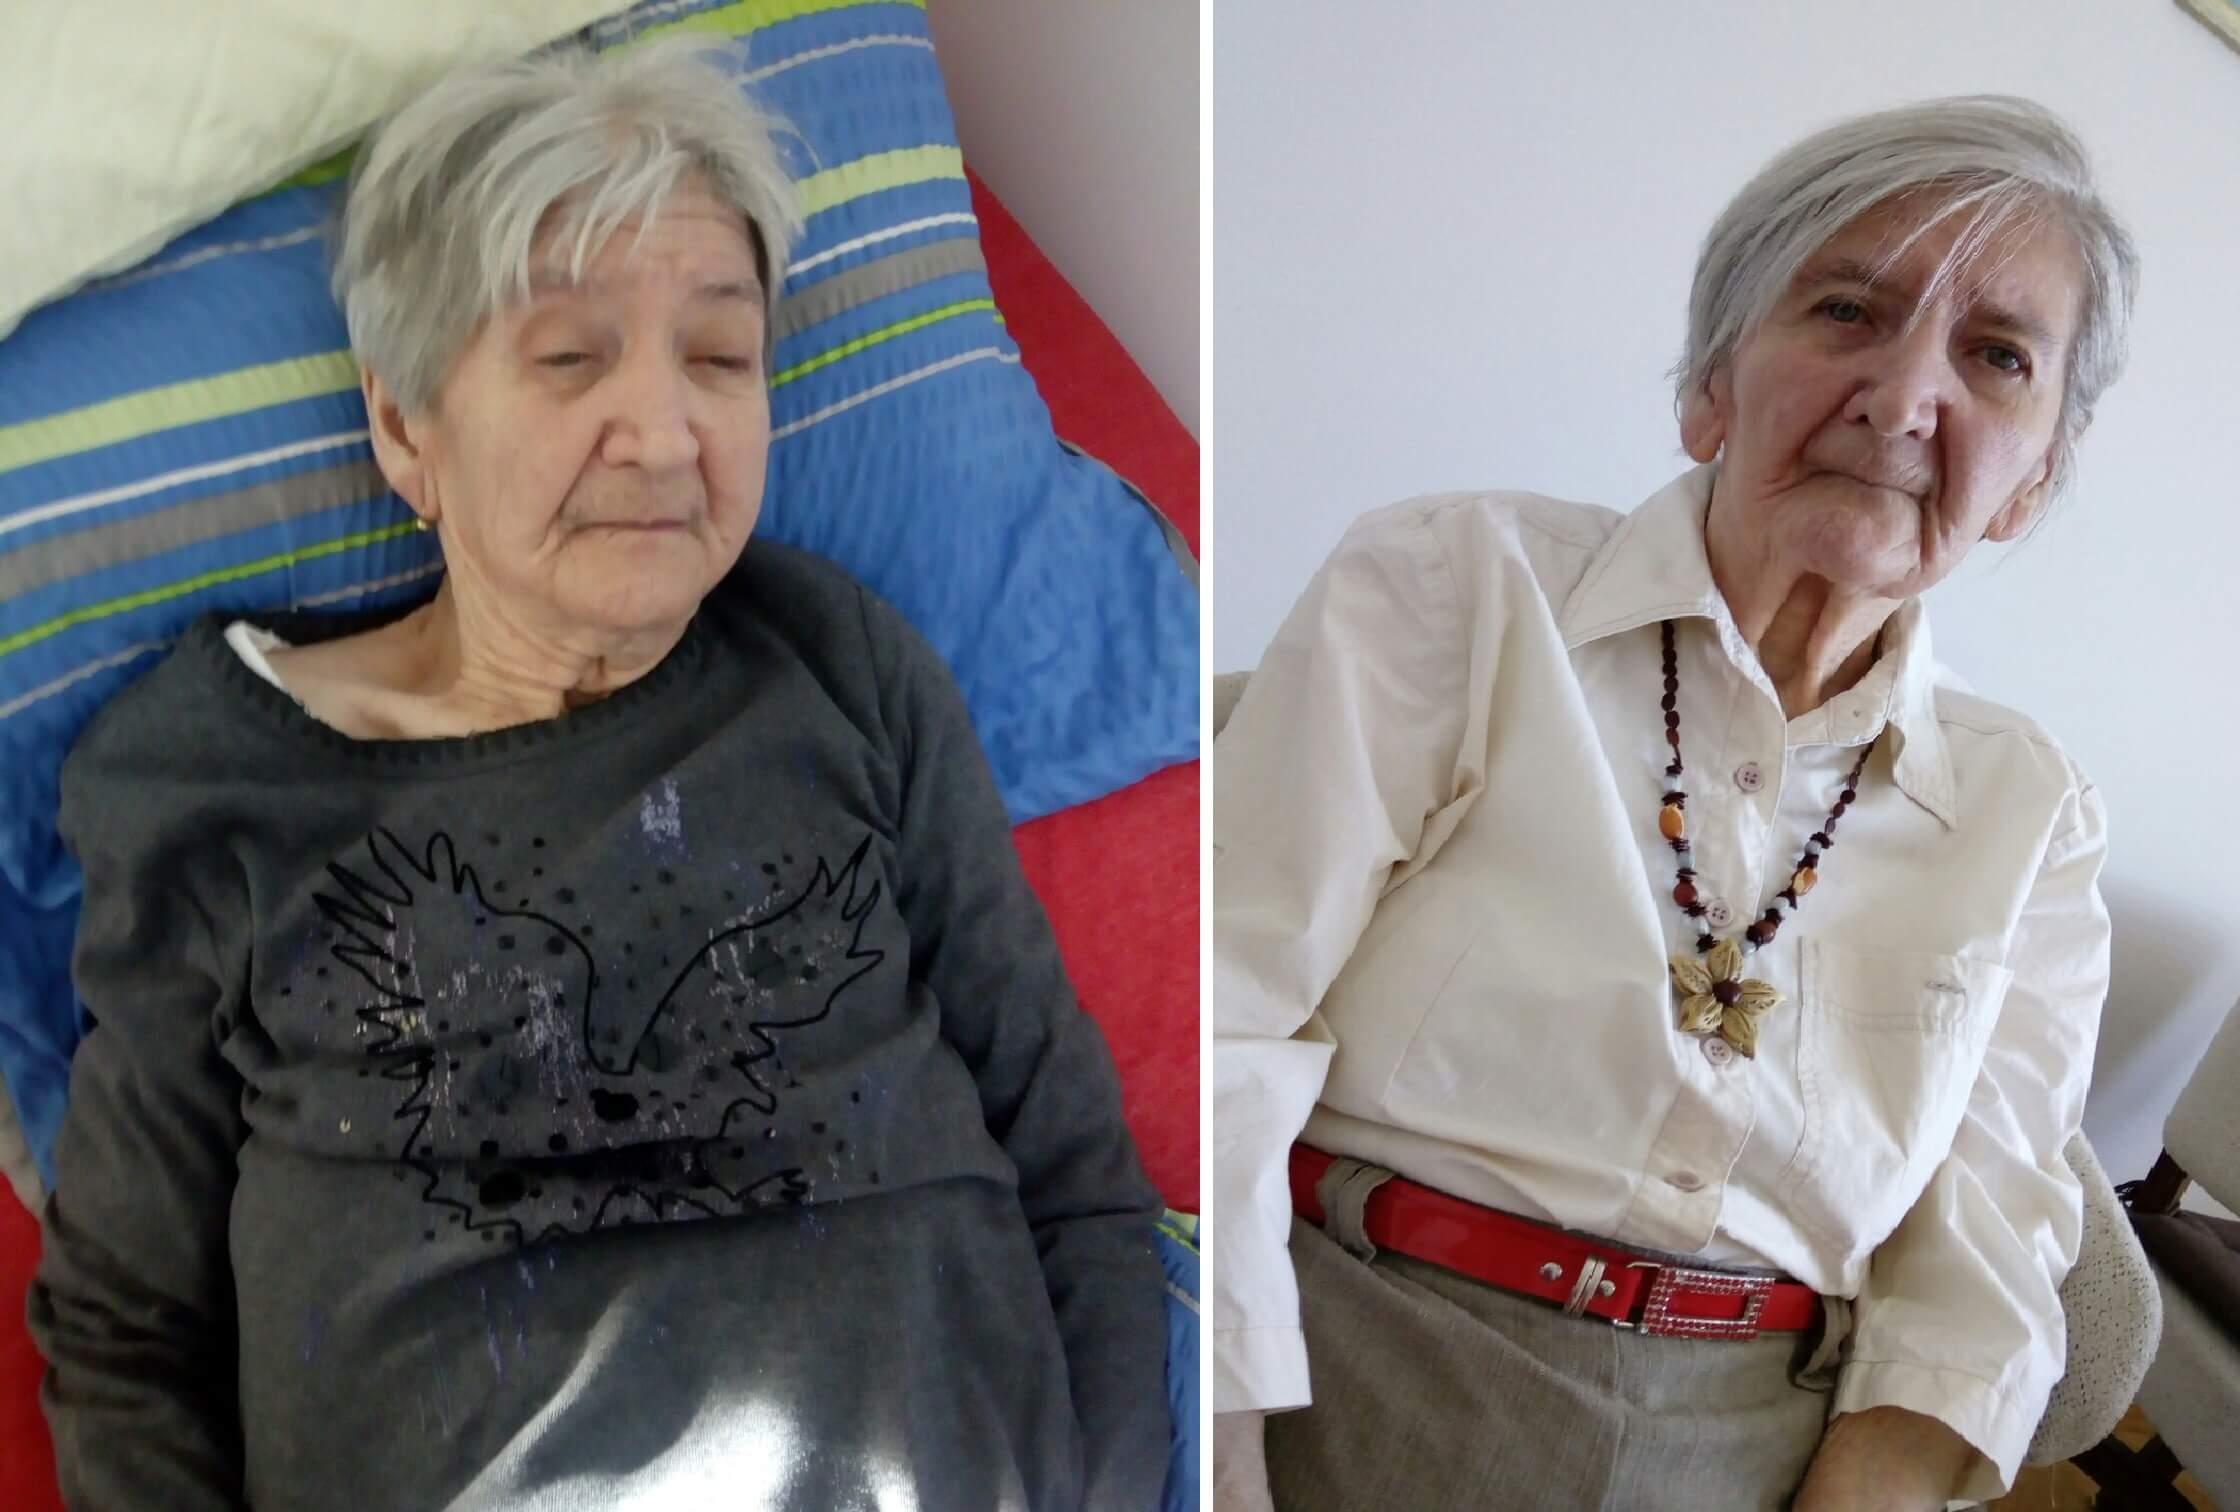 Potresna priča iz doma strave: Majku su držali zaključanu, gotovo gladnu i žednu, imala je 38 kilograma!